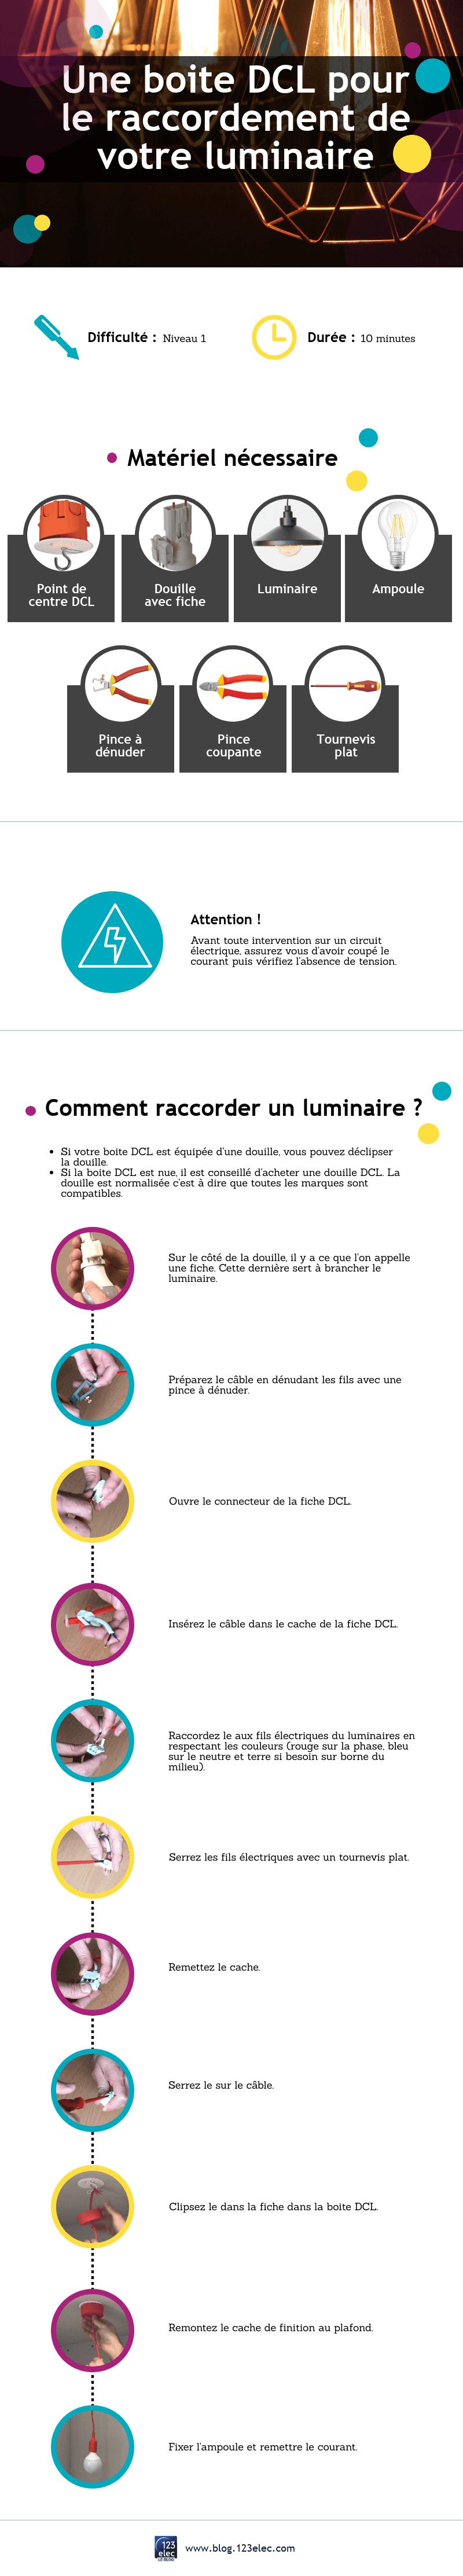 Infographie : raccorder un luminaire avec une boite DCL